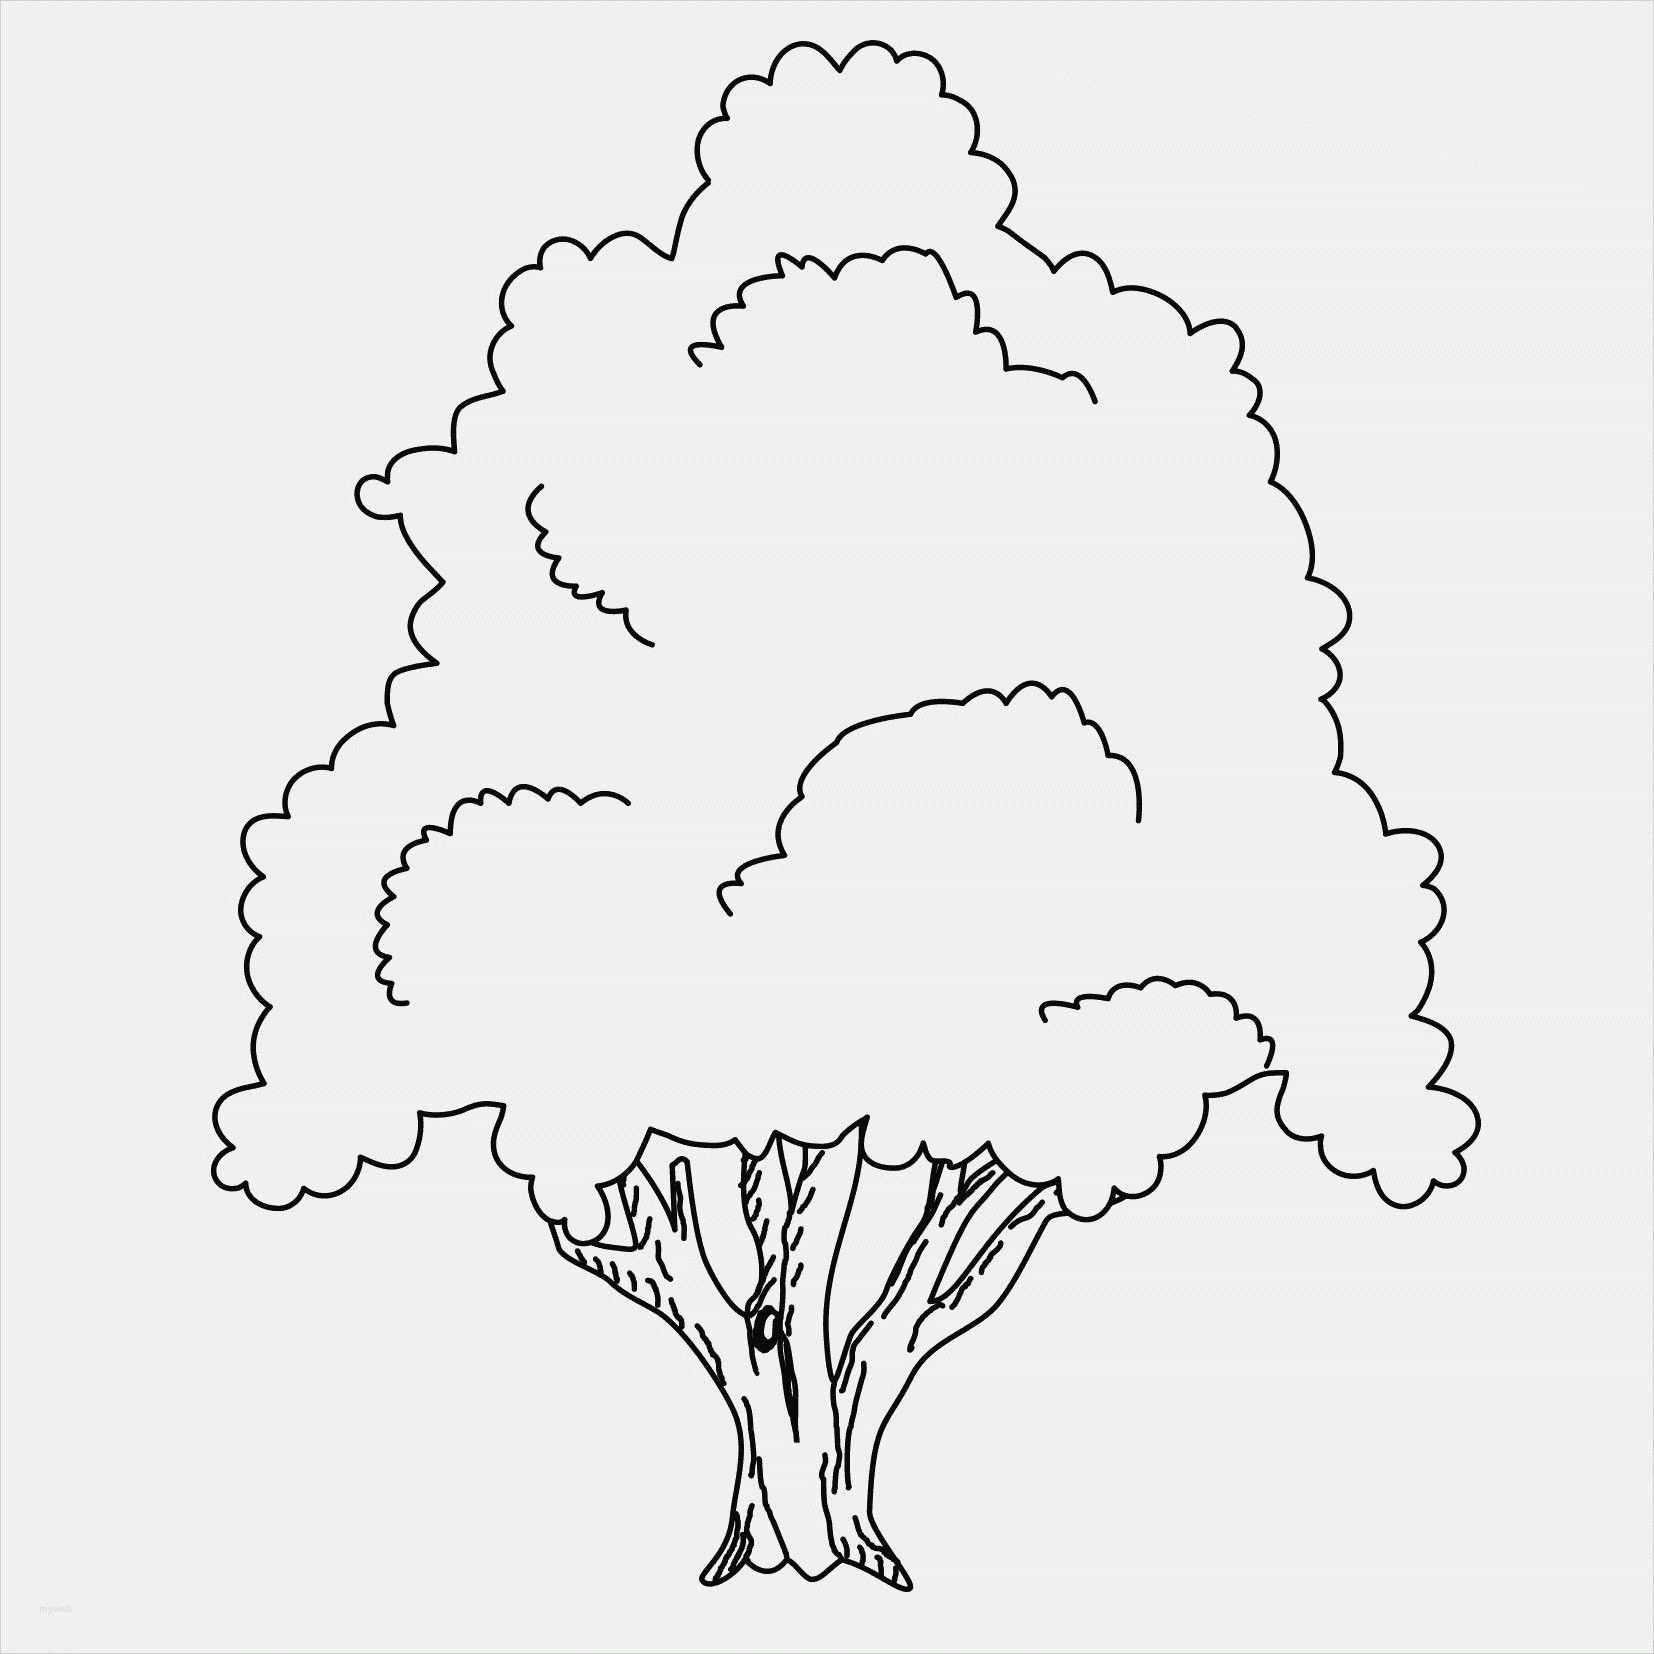 Neu Bastelvorlage Baum Farbung Malvorlagen Malvorlagenfurkinder Bastelvorlagen Baum Basteln Basteln